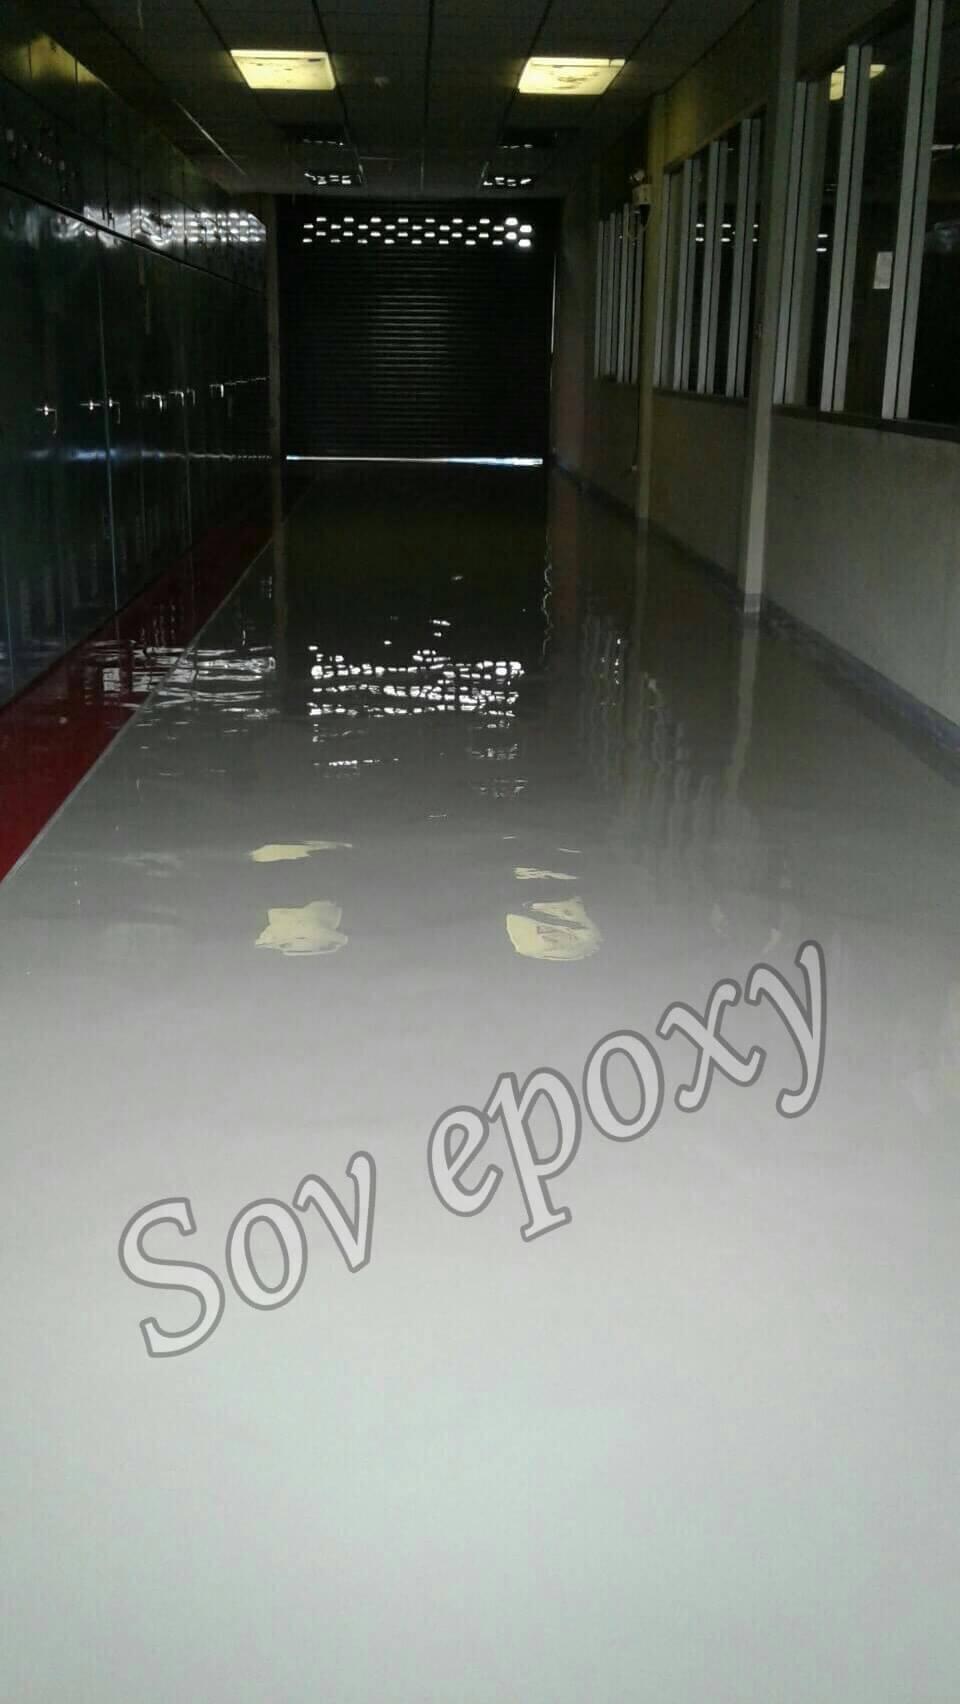 งานเคลือบพื้น Epoxy Self-leveling โรงไฟฟ้า จ.ชลบุรี 1